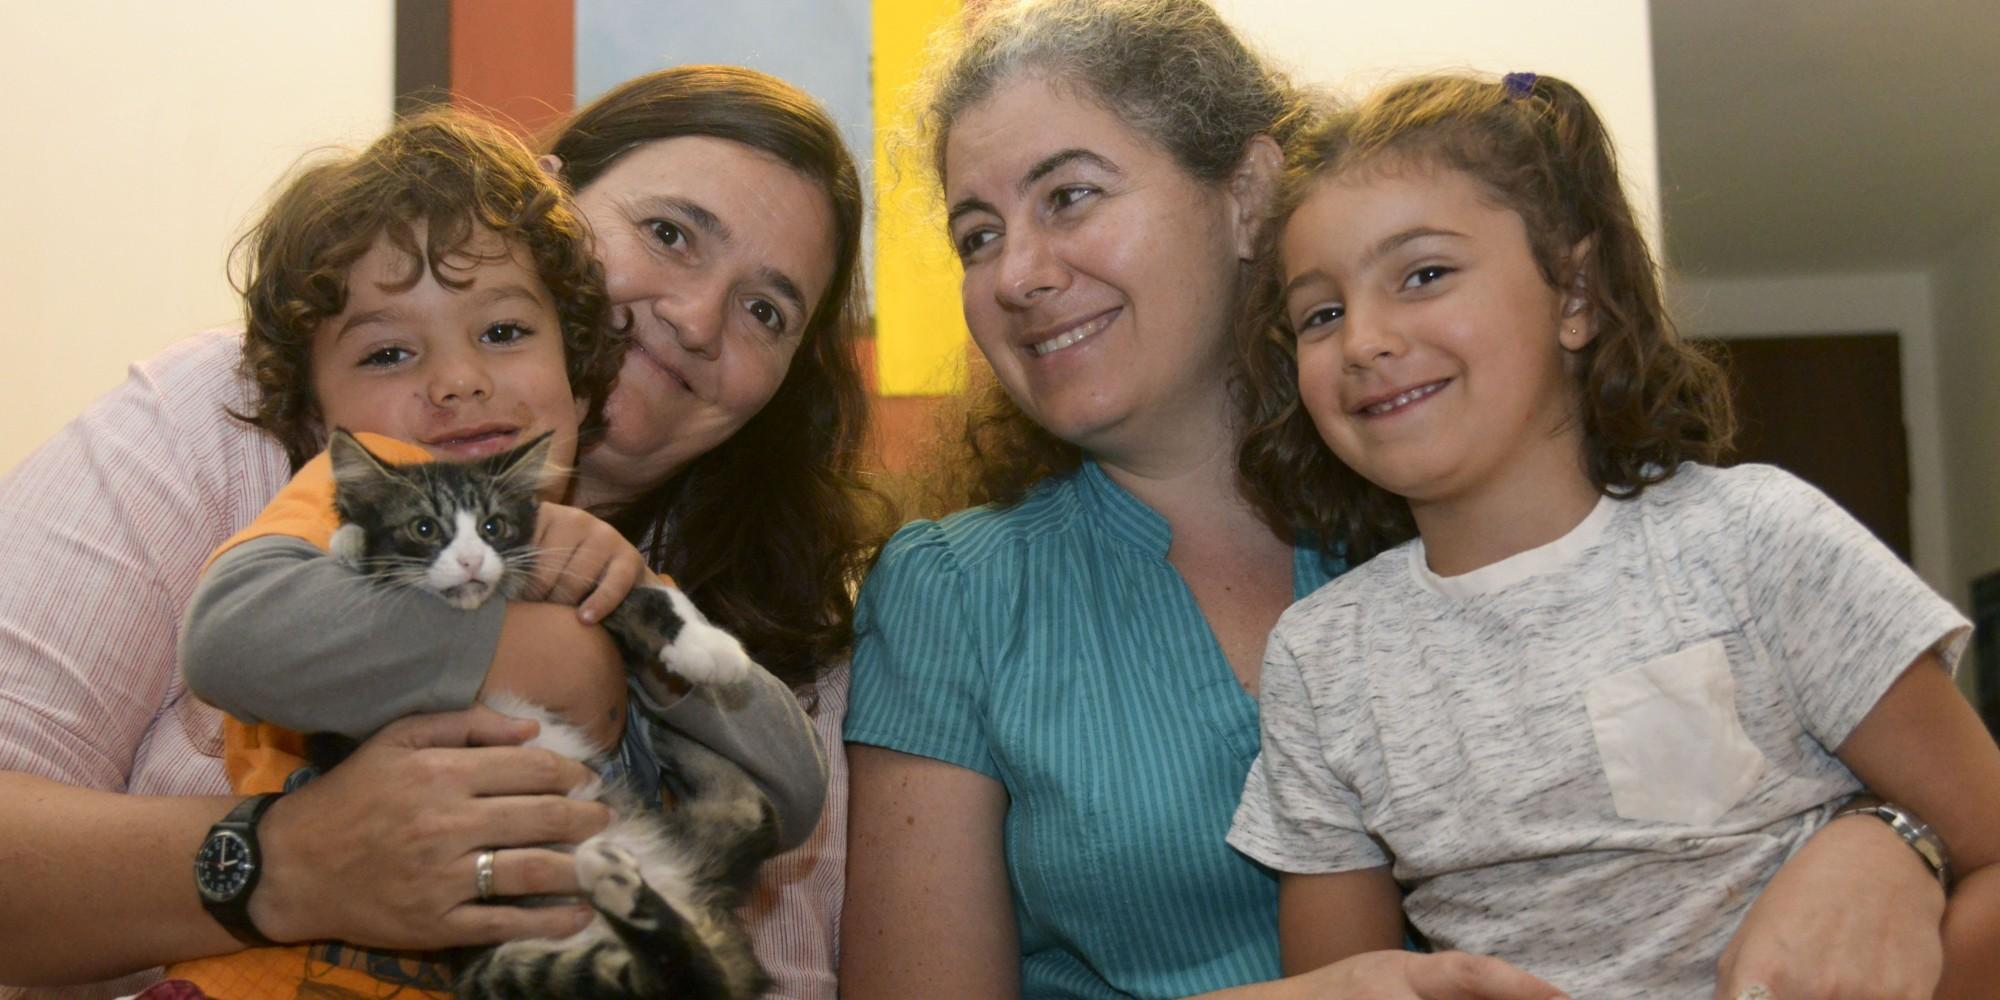 Ana Elisa Leiderman y Verónica Botero, coppia che ottenne l'affidamento per legami biologici (www.huffingtonpost.com)